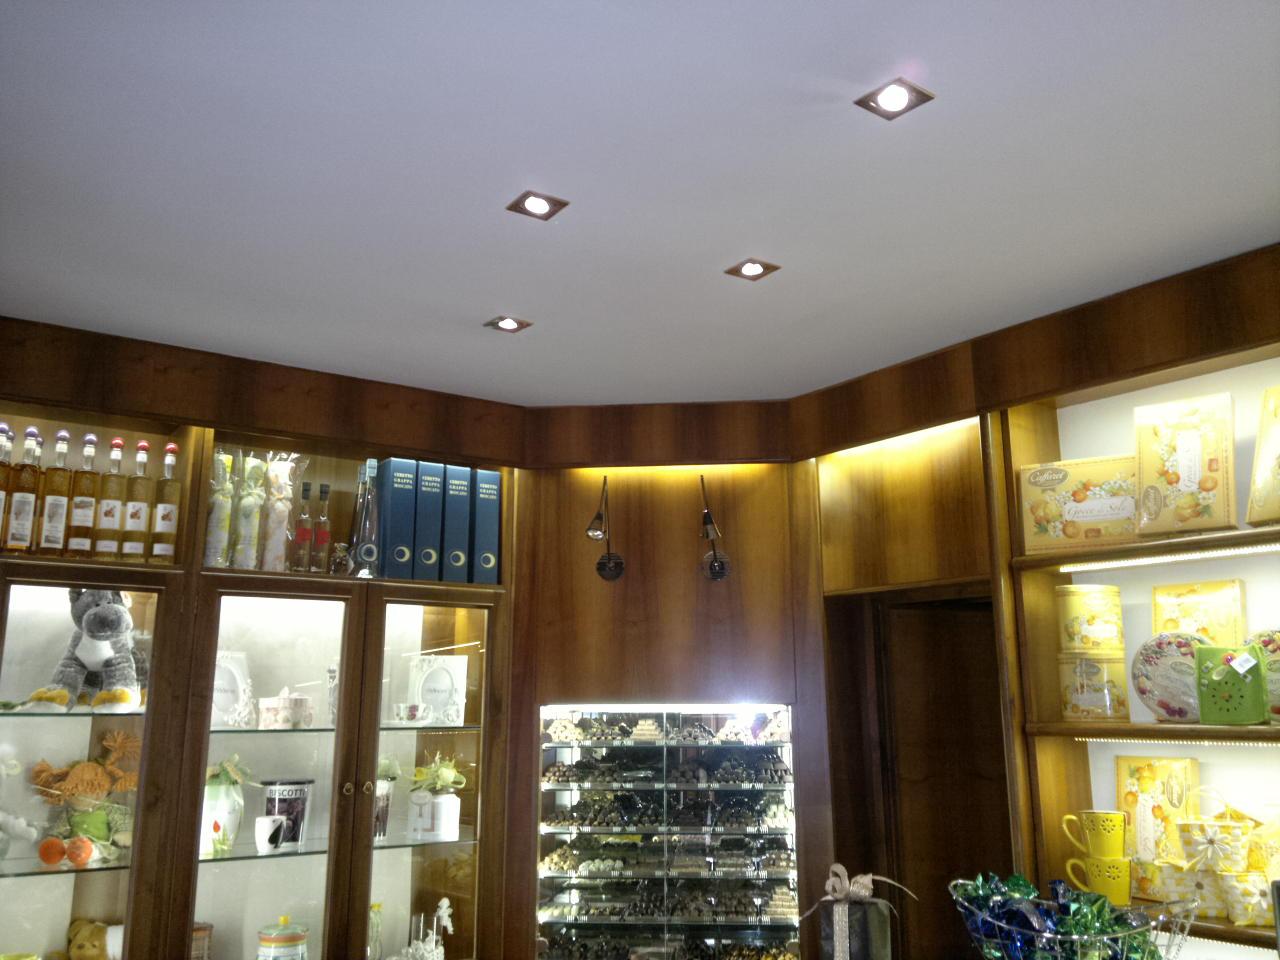 Illuminazione led casa: risparmio energetico? con il led si può fare!